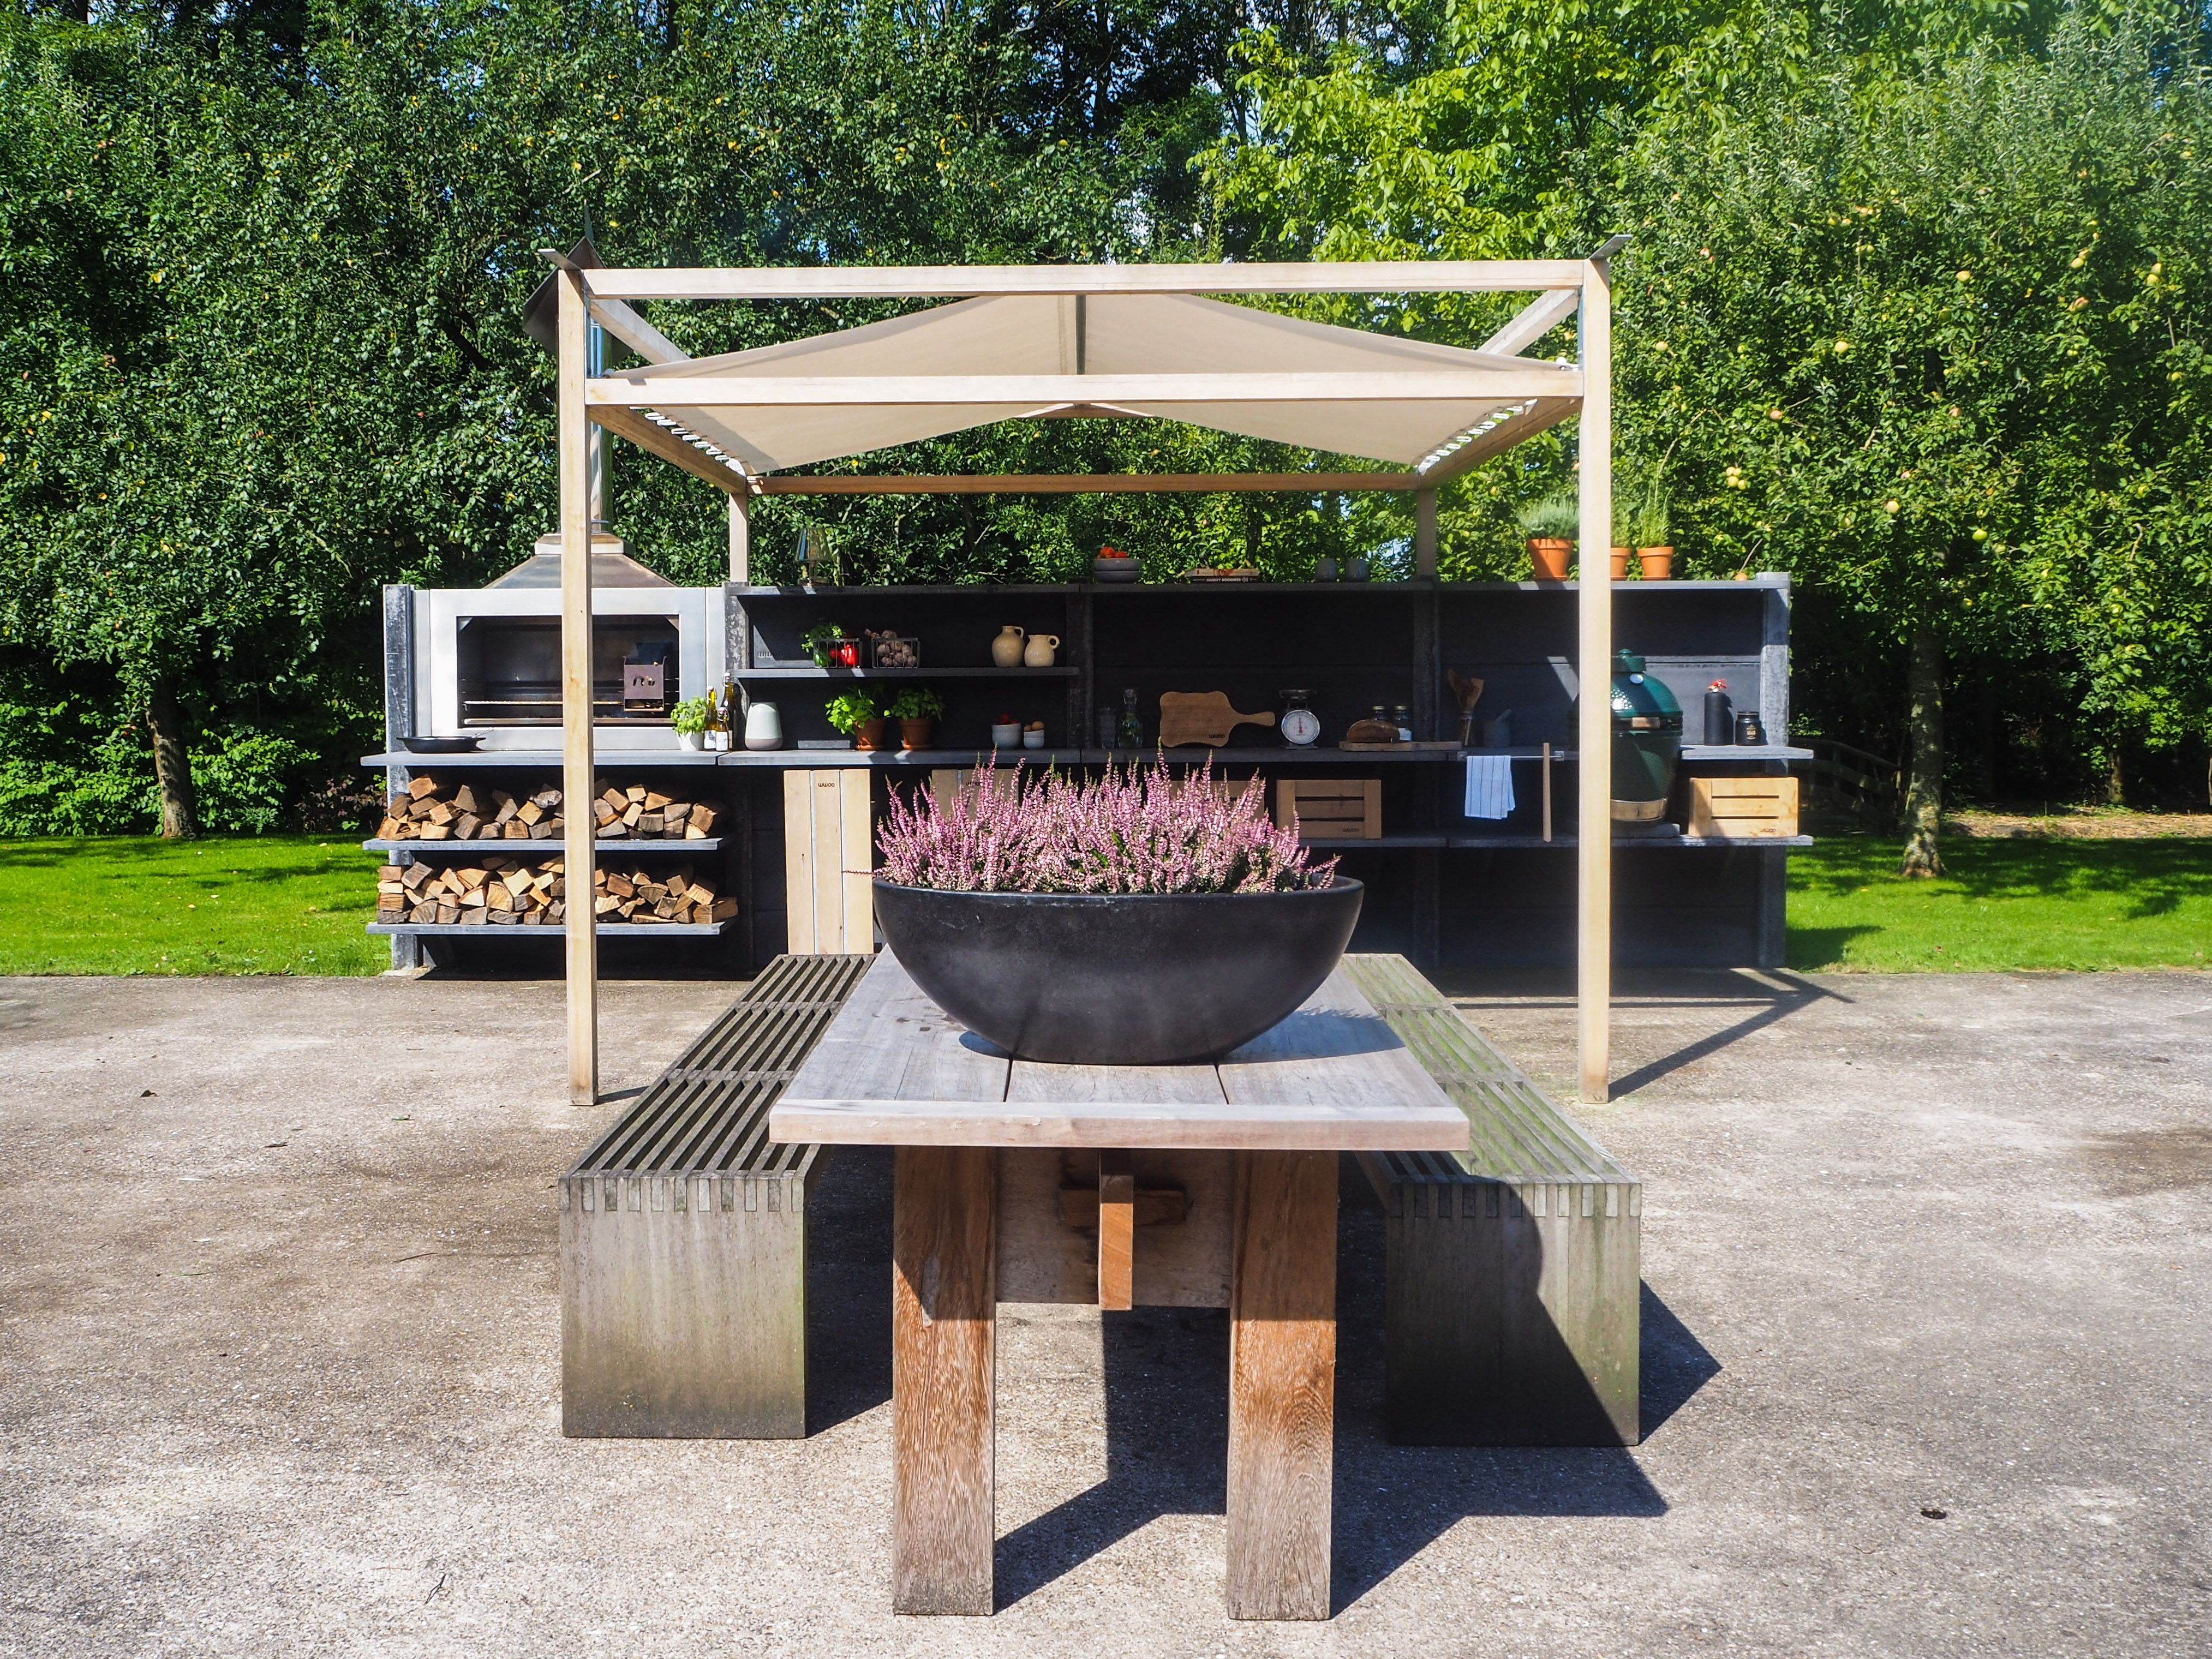 Outdoorküche Klein Preis : Outdoor küche klein outdoor küche selber machen vorstellung